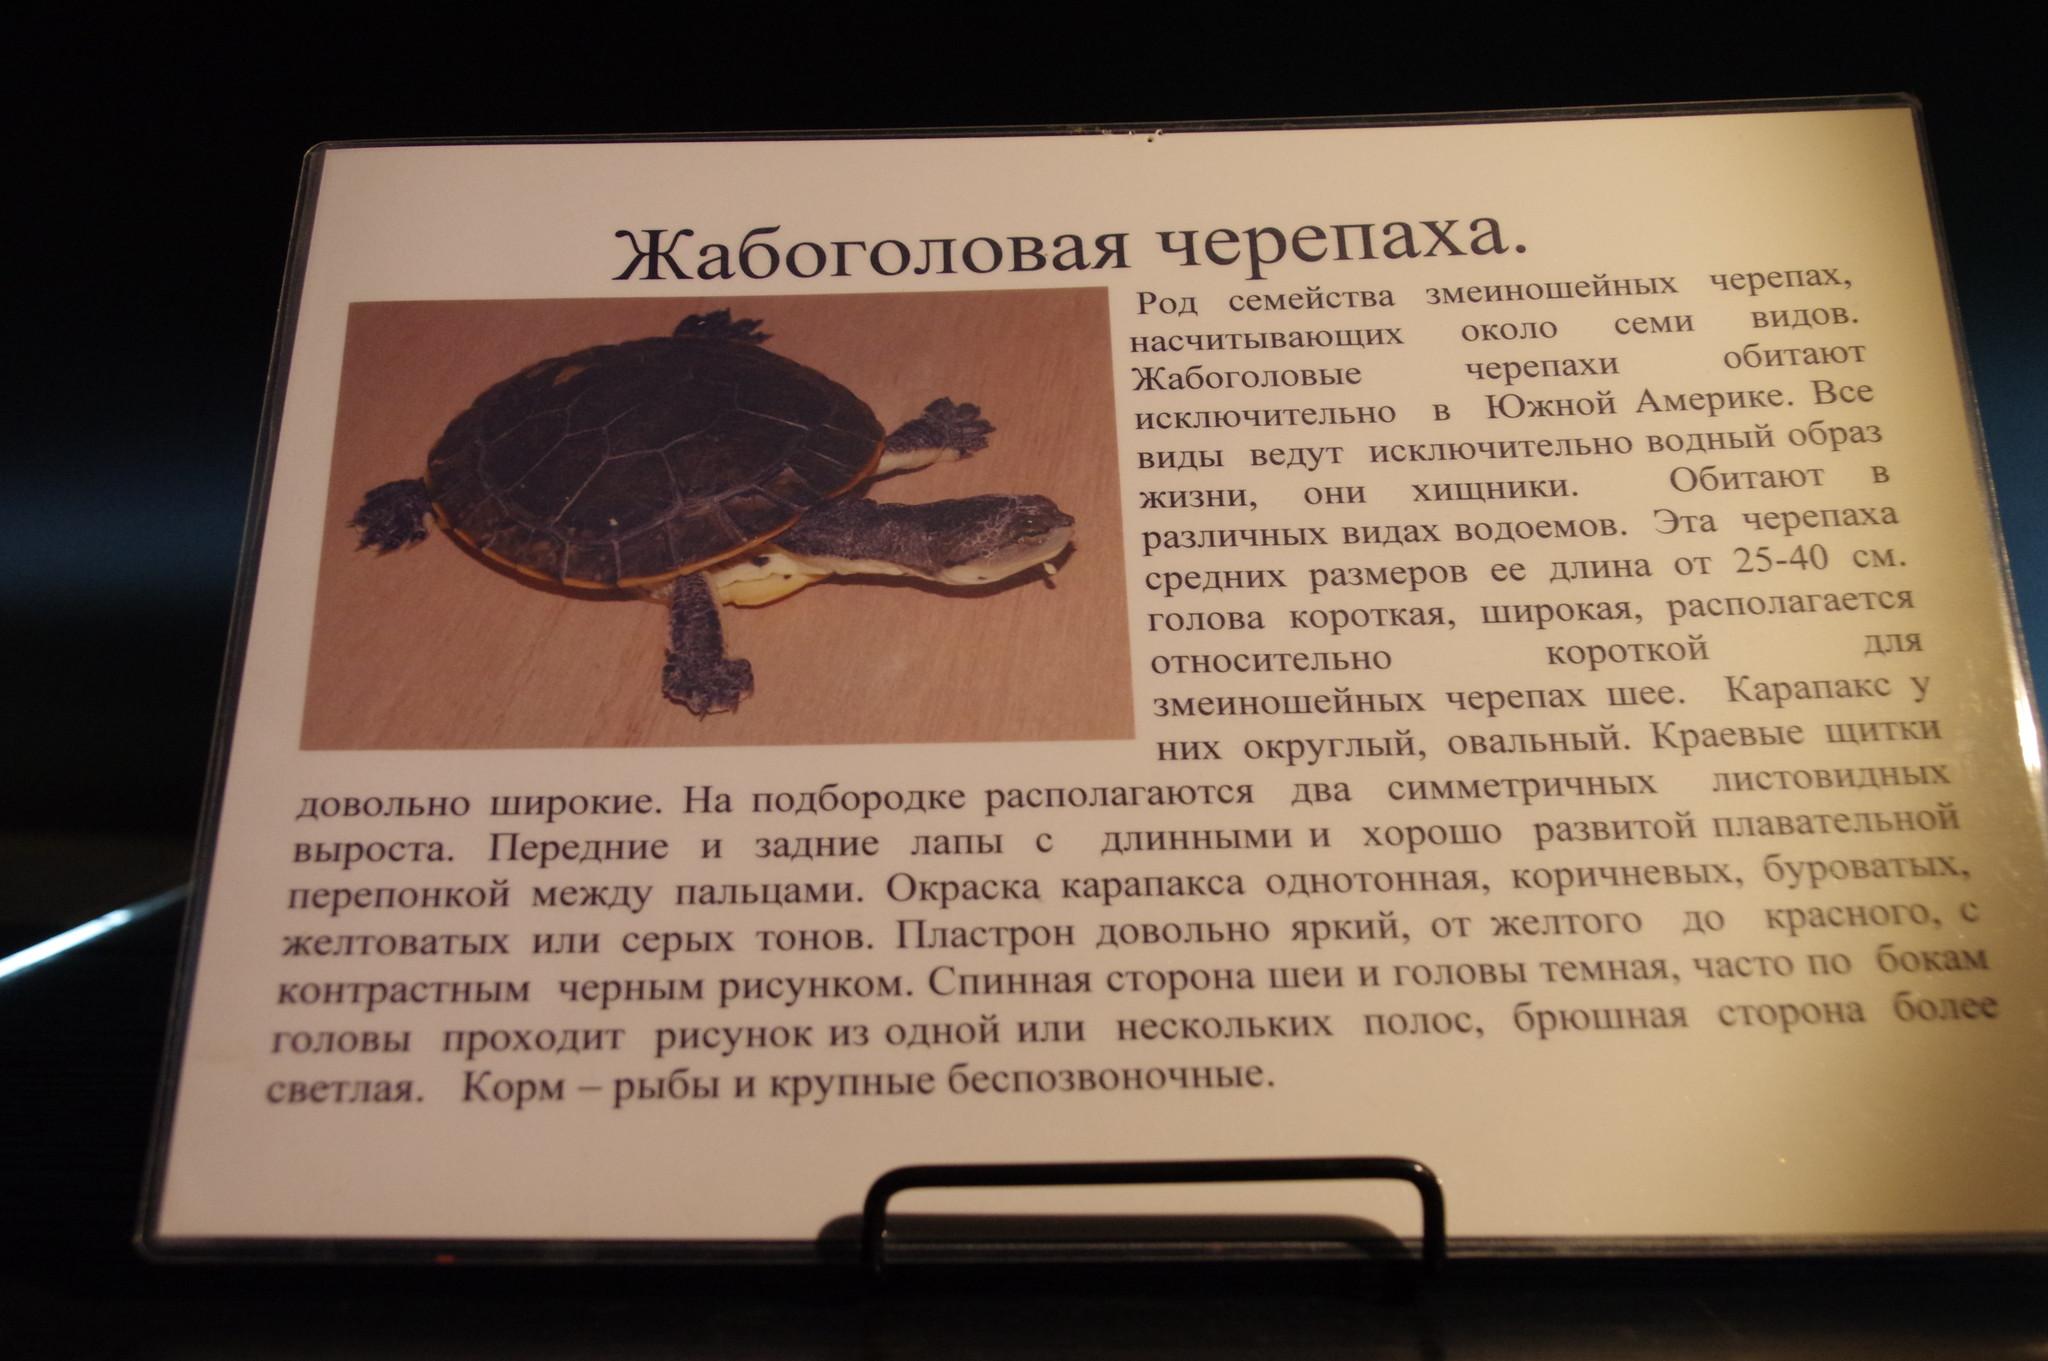 Жабоголовая черепаха. Музей истории аквариумистики (улица Арбат, дом 17)